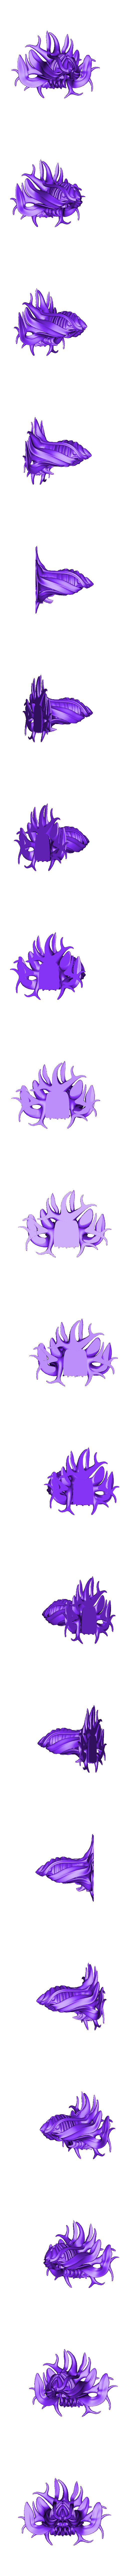 """Welwitschia_Ghost_Plant_01.stl Télécharger fichier STL gratuit Installation de table : Végétation exotique 06 """"Welwitschia Ghost Plant"""" • Design à imprimer en 3D, GrimGreeble"""